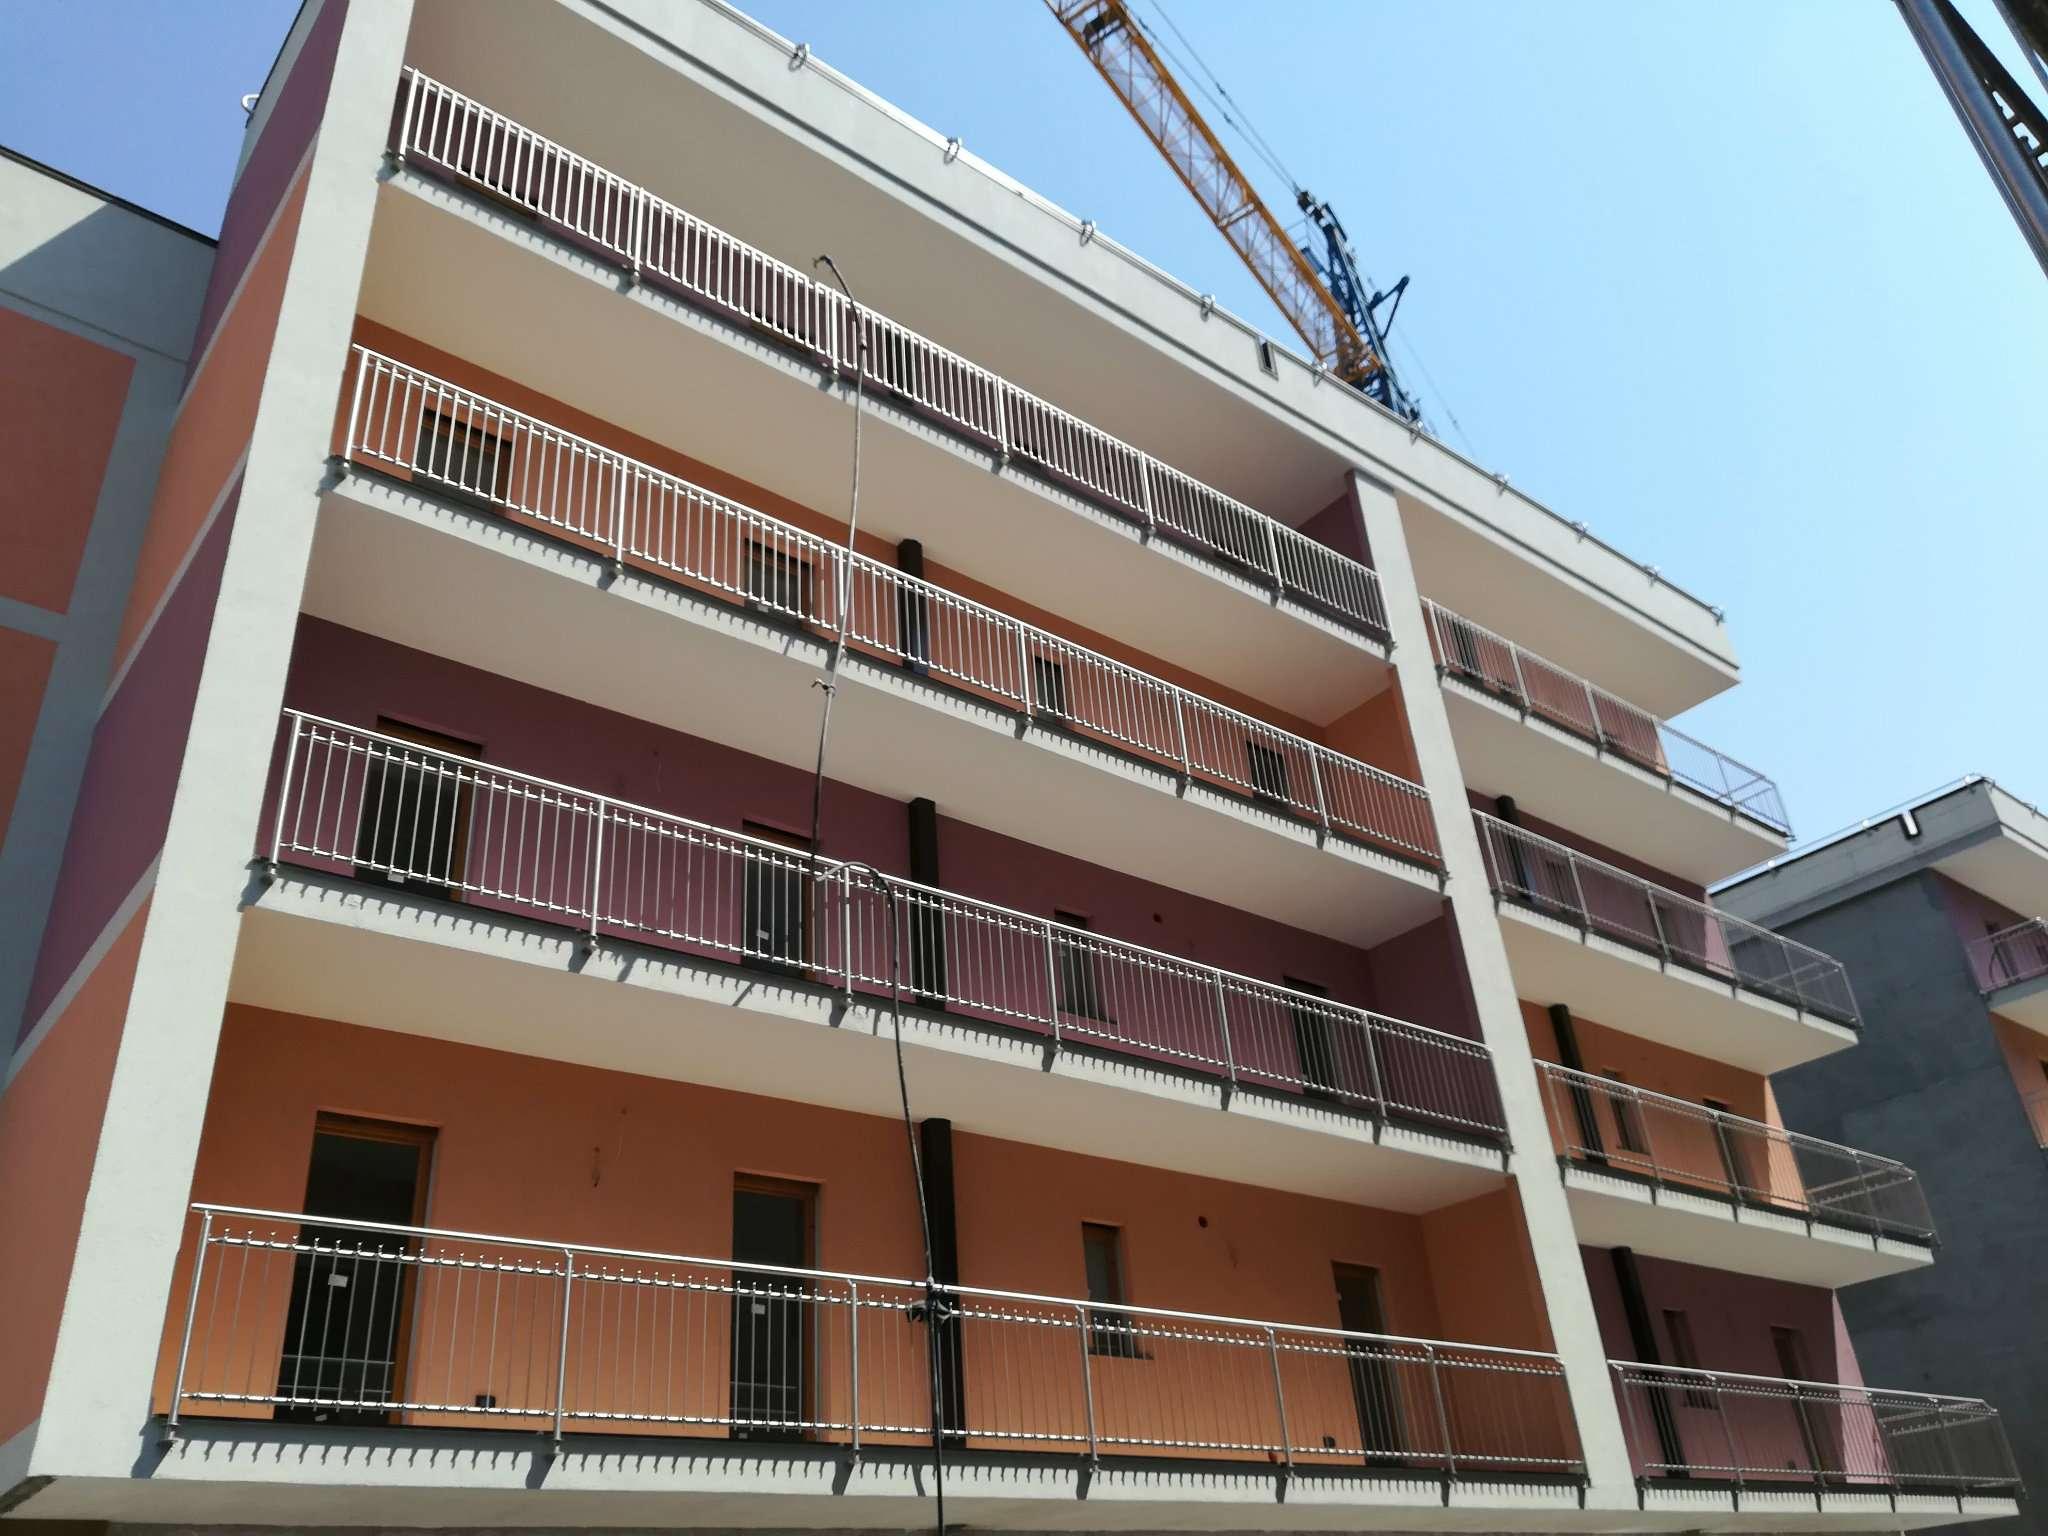 Appartamento in vendita a Striano, 9999 locali, prezzo € 185.000 | CambioCasa.it